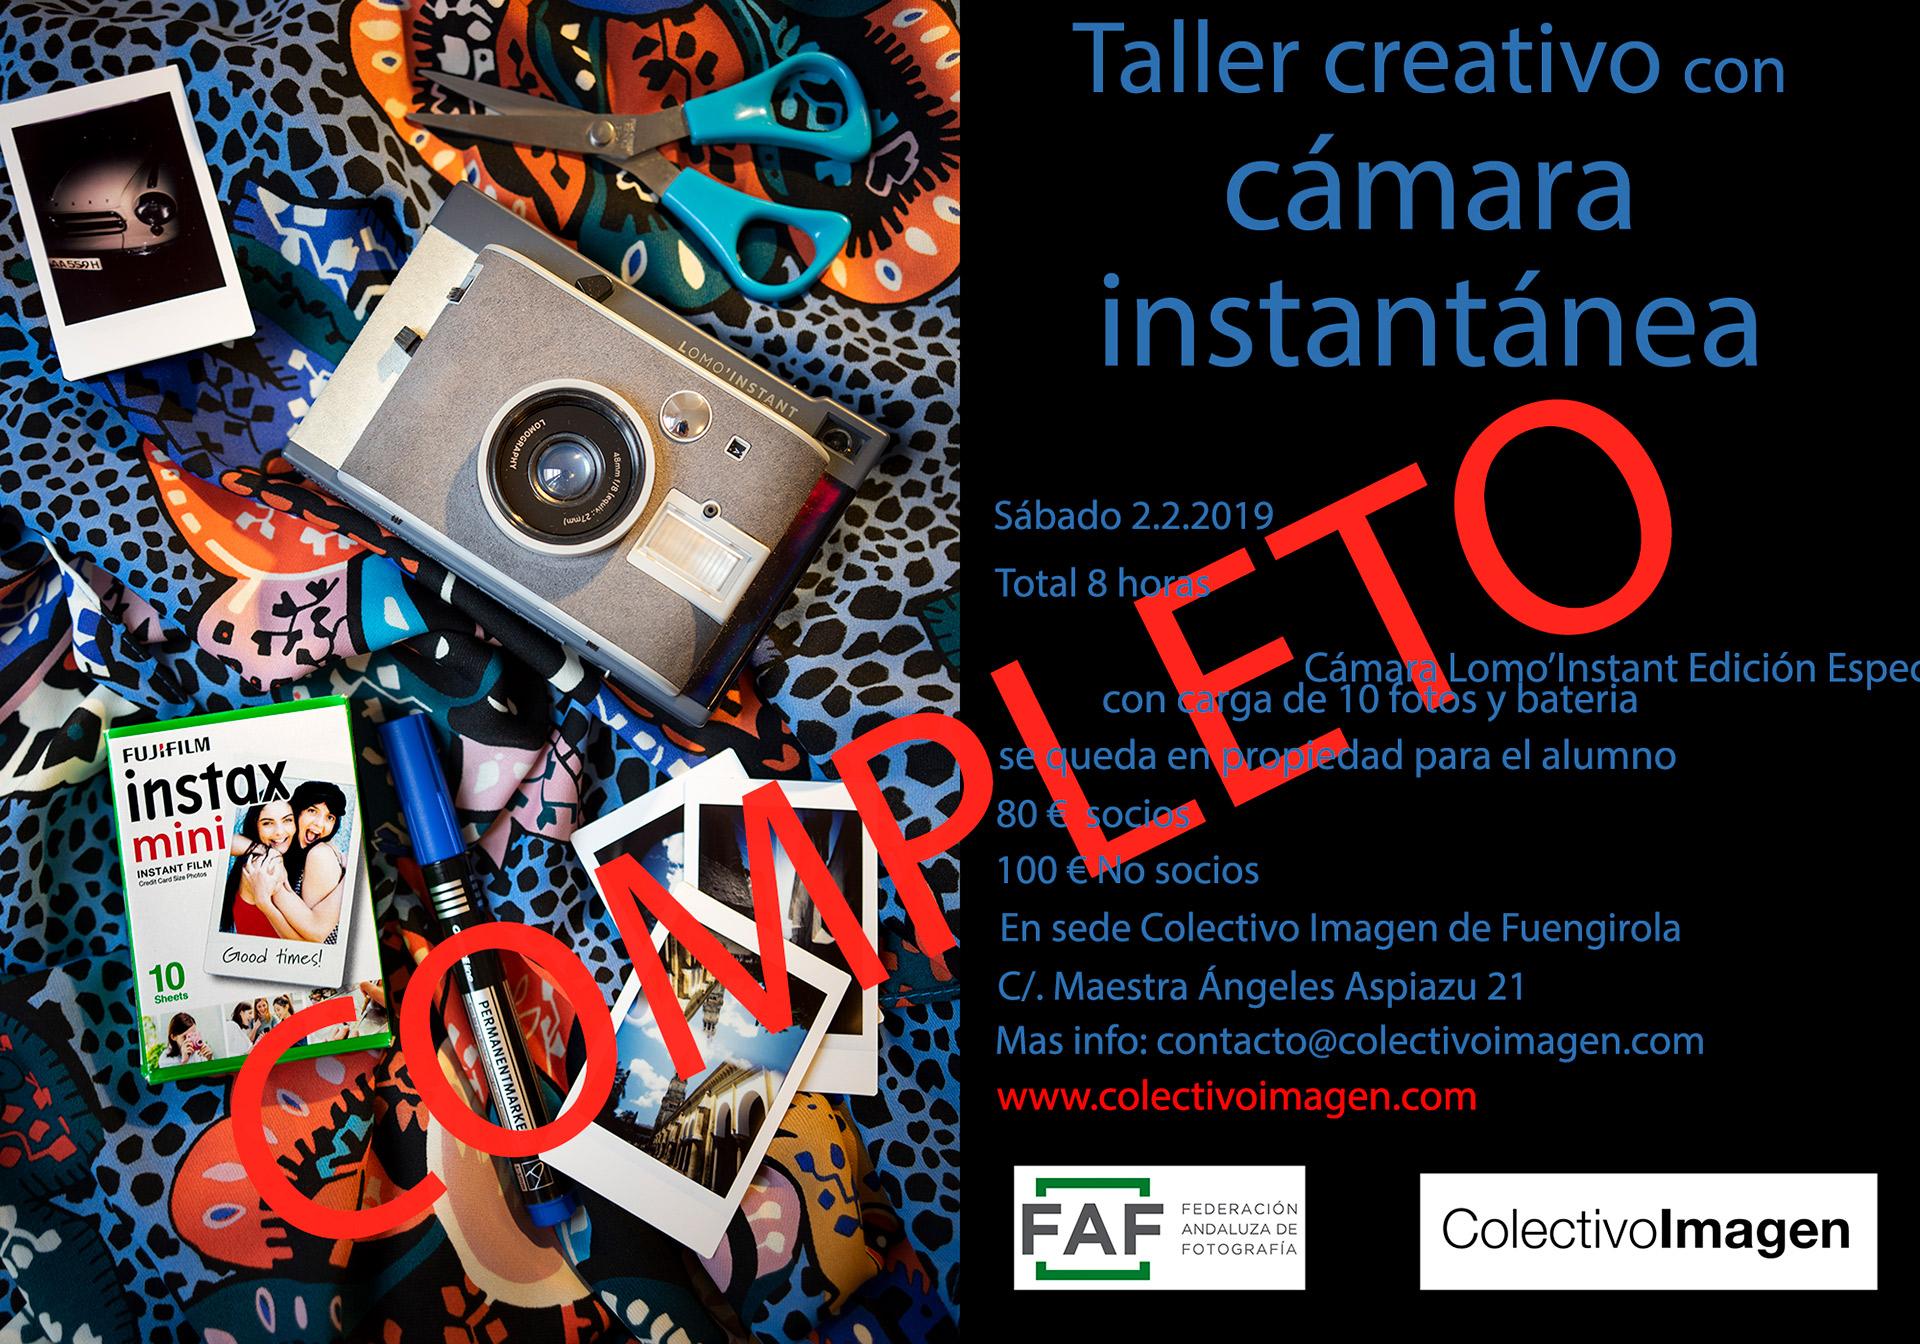 Taller Creativo con Cámara Instantánea - Javier Gestoso